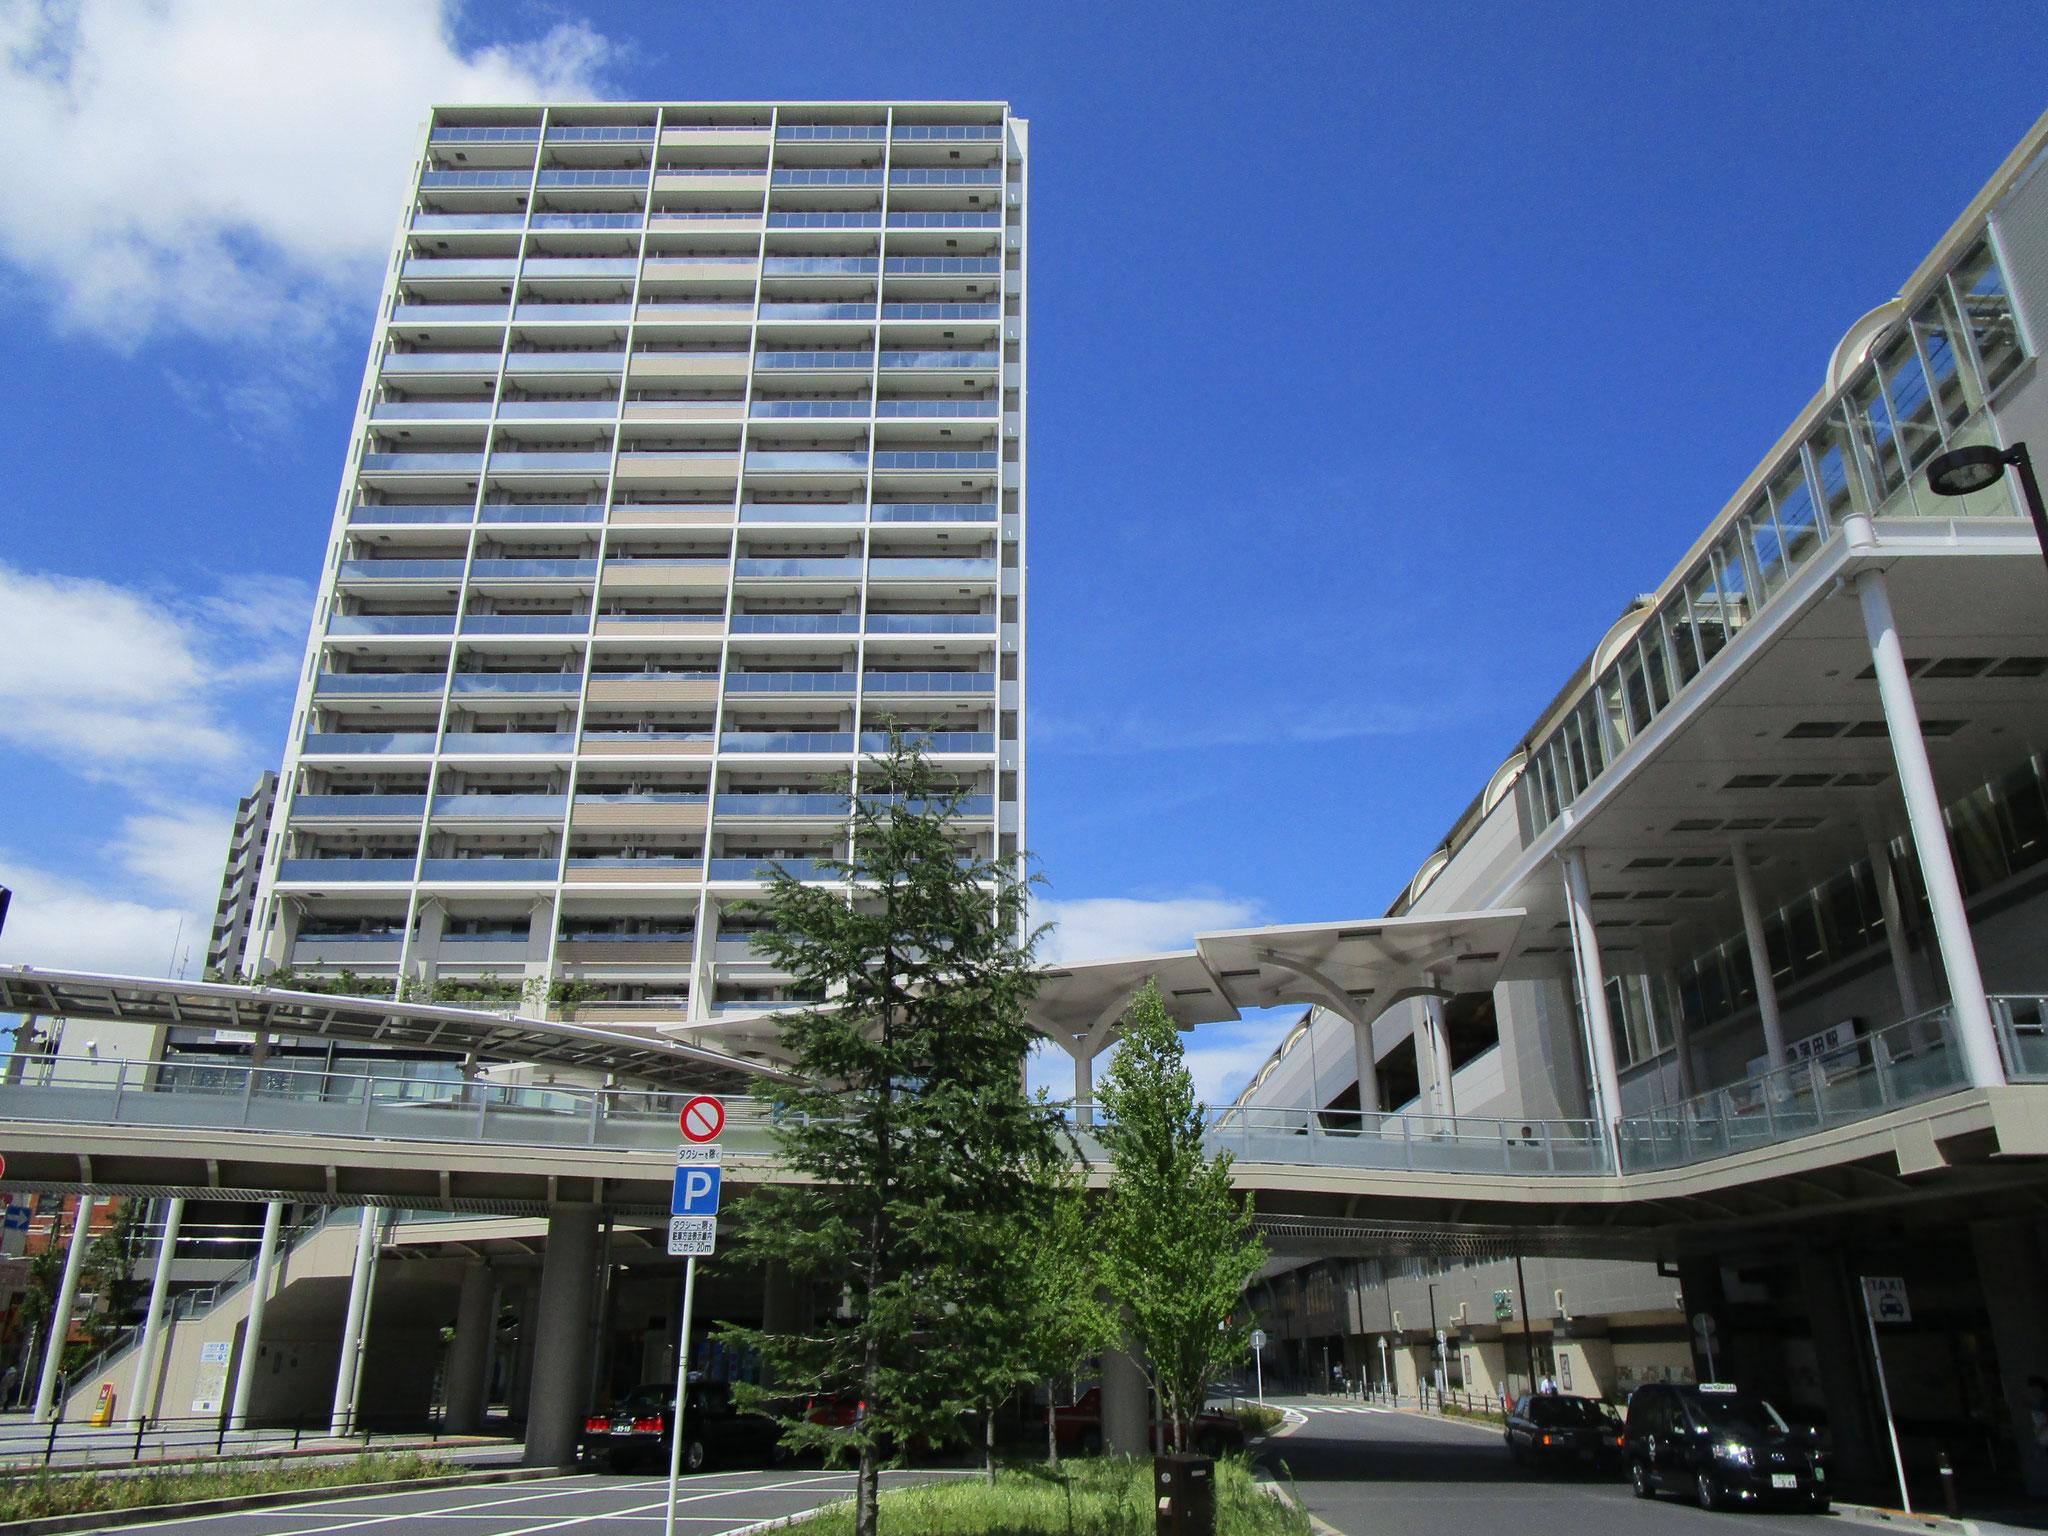 西口駅前ロータリー。こちらにも駅直結の歩道橋あり。正面のマンションの下部が「あすとウィズ」です